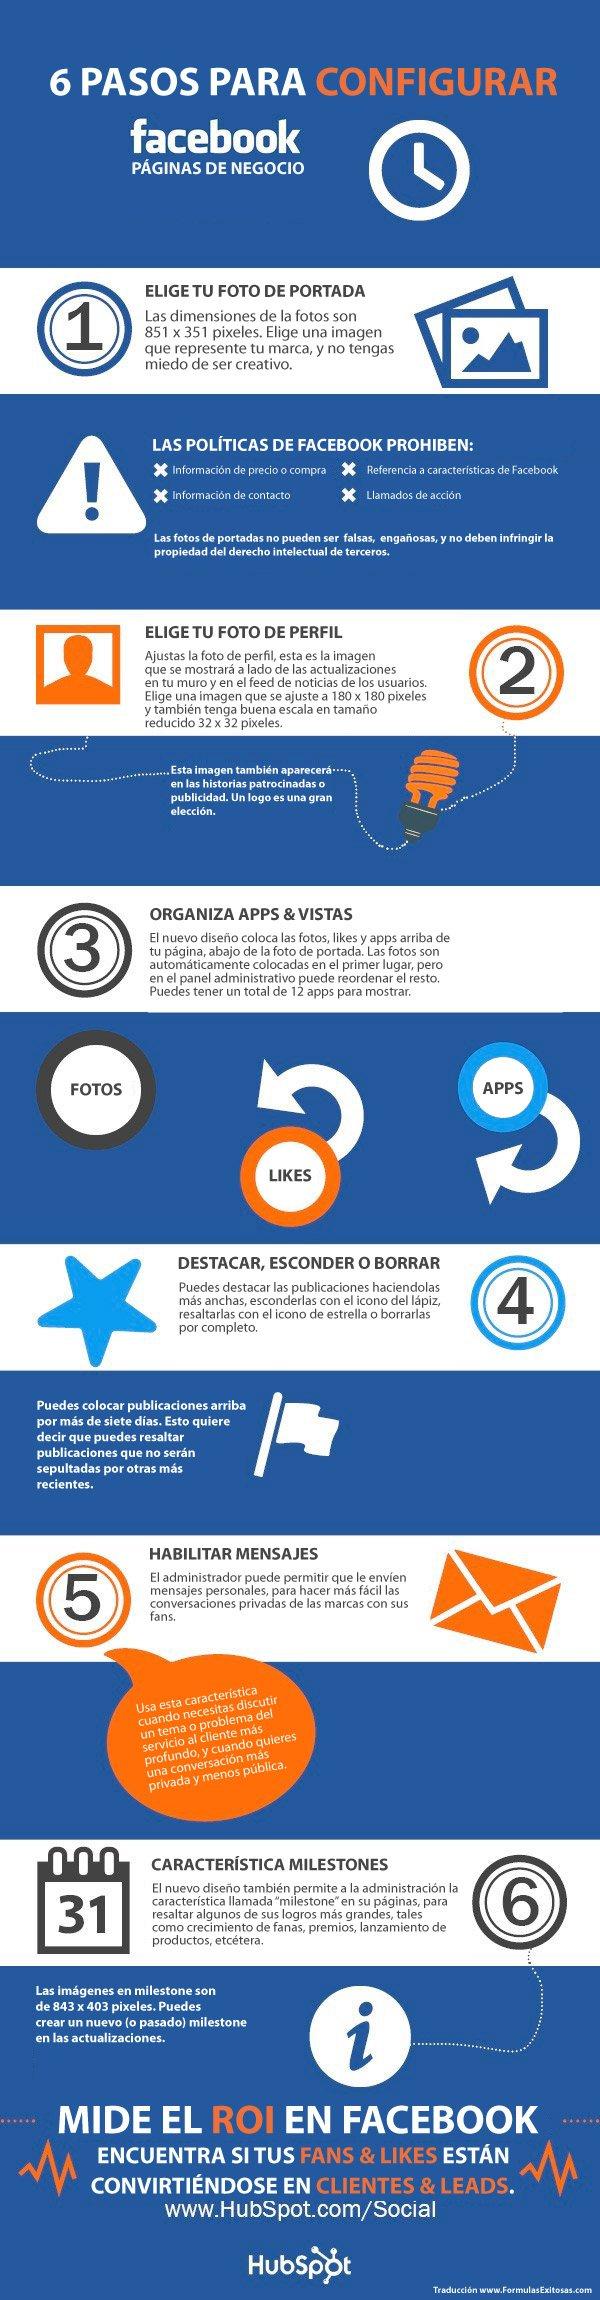 6 pasos para configurar Facebook